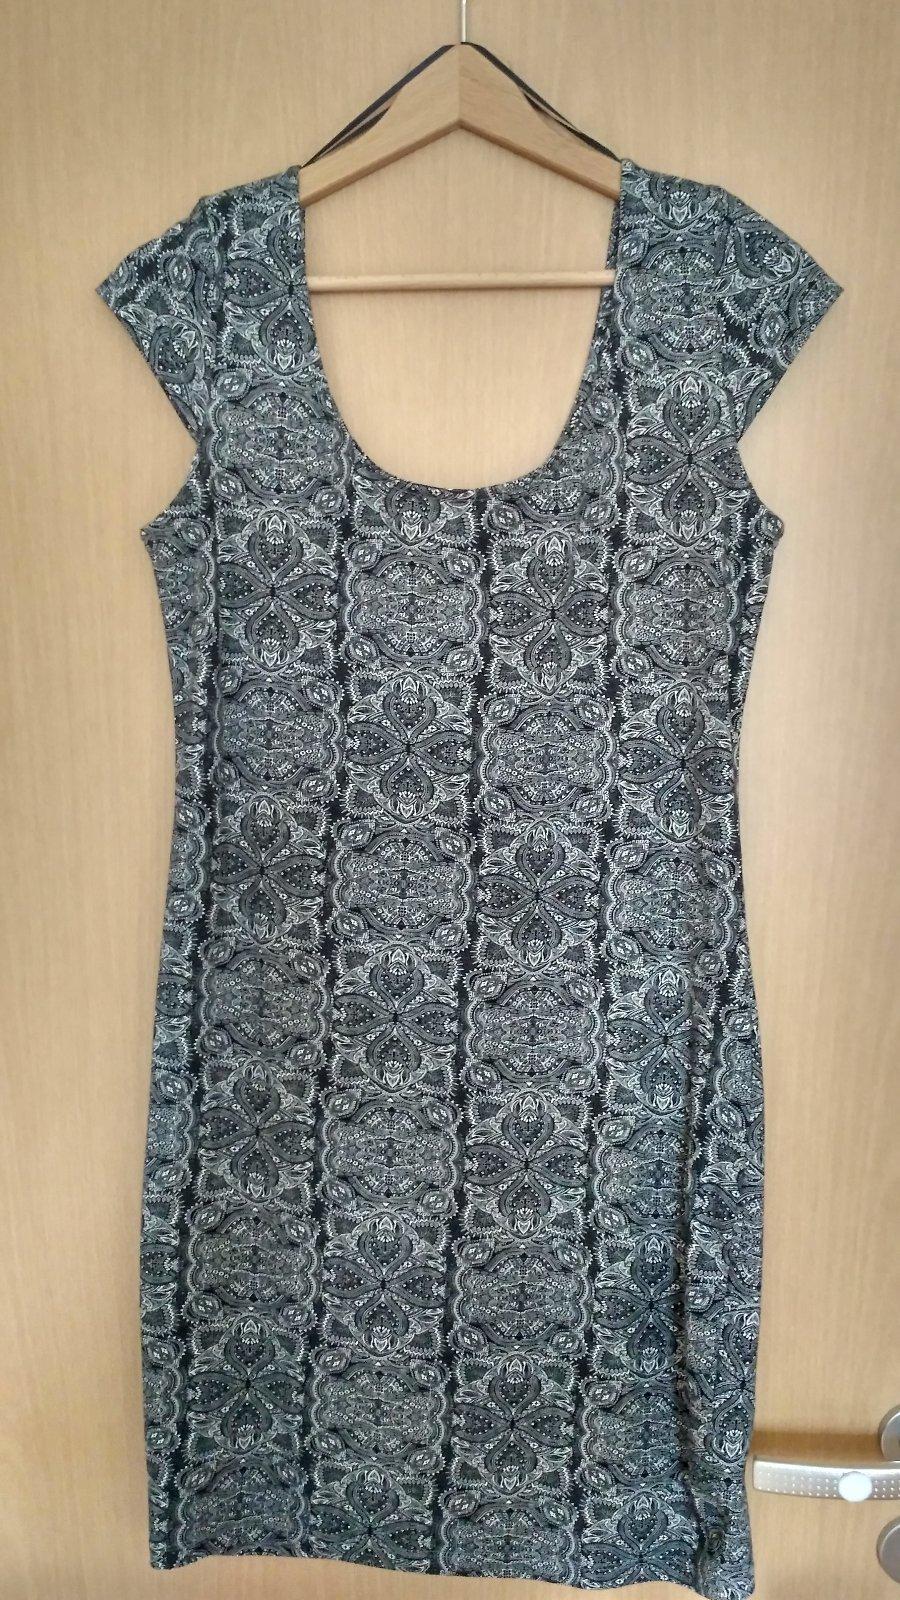 Šaty - nenosené - Obrázok č. 1